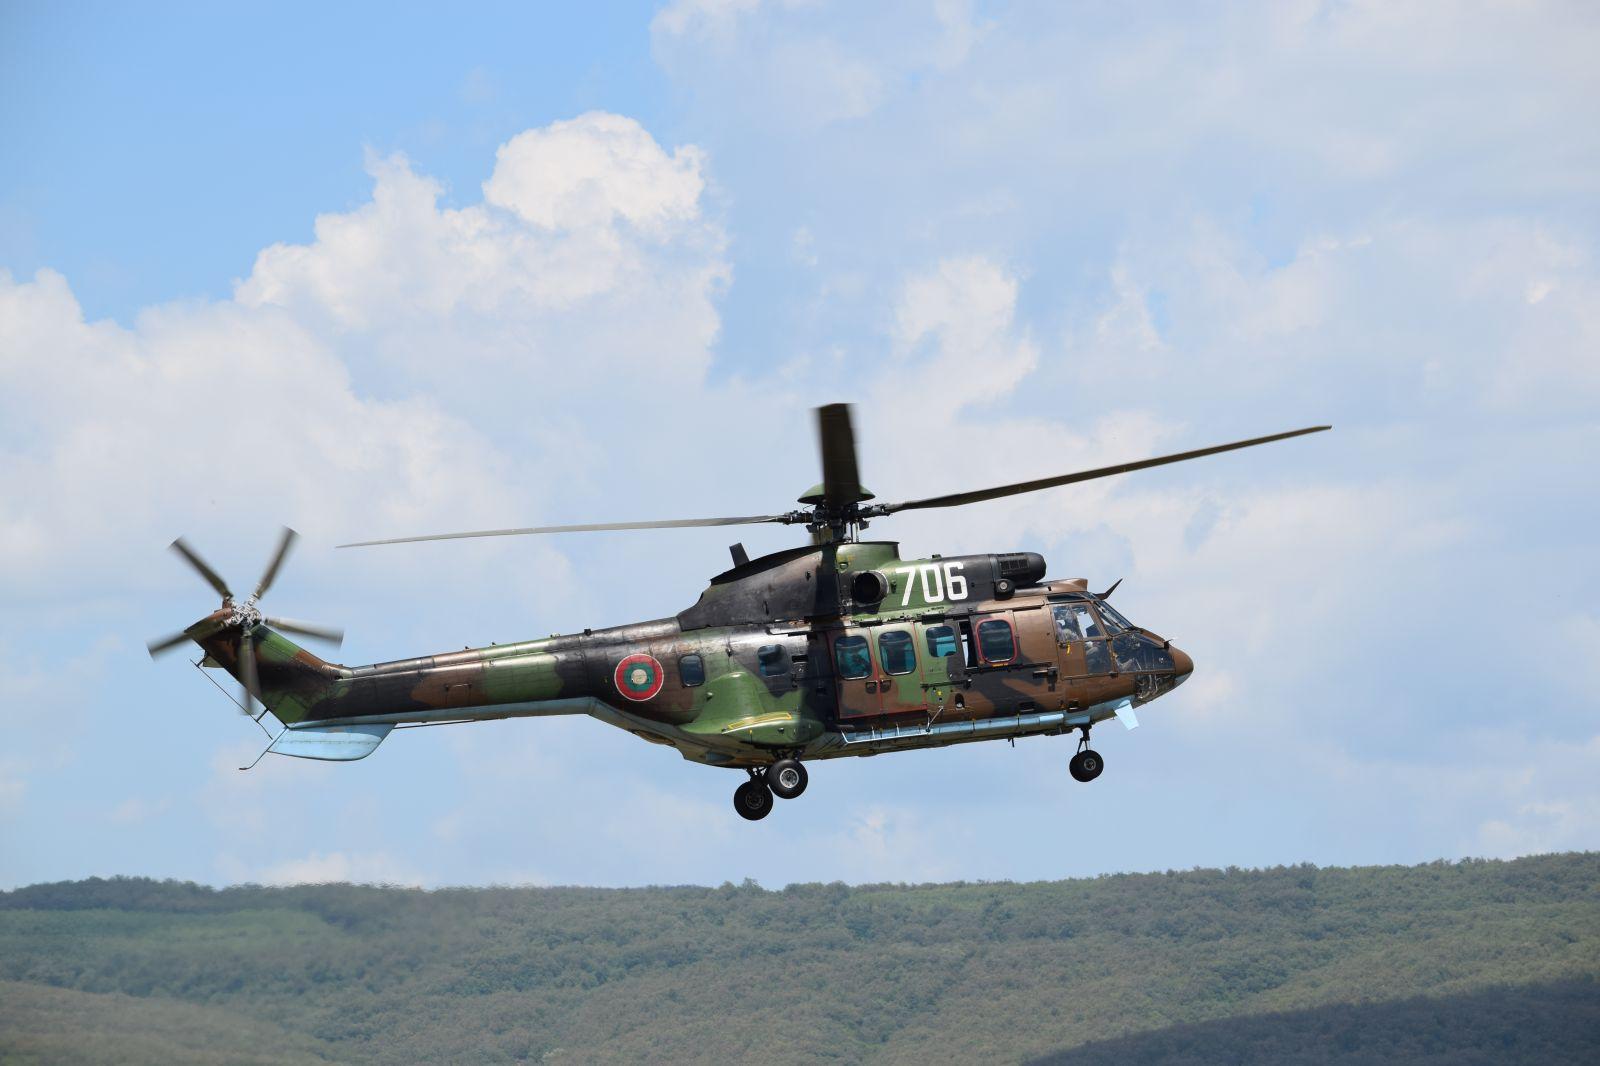 България се присъединява към Партньорството за поддръжка на хеликоптери към Агенцията на НАТО за поддръжка и придобиване